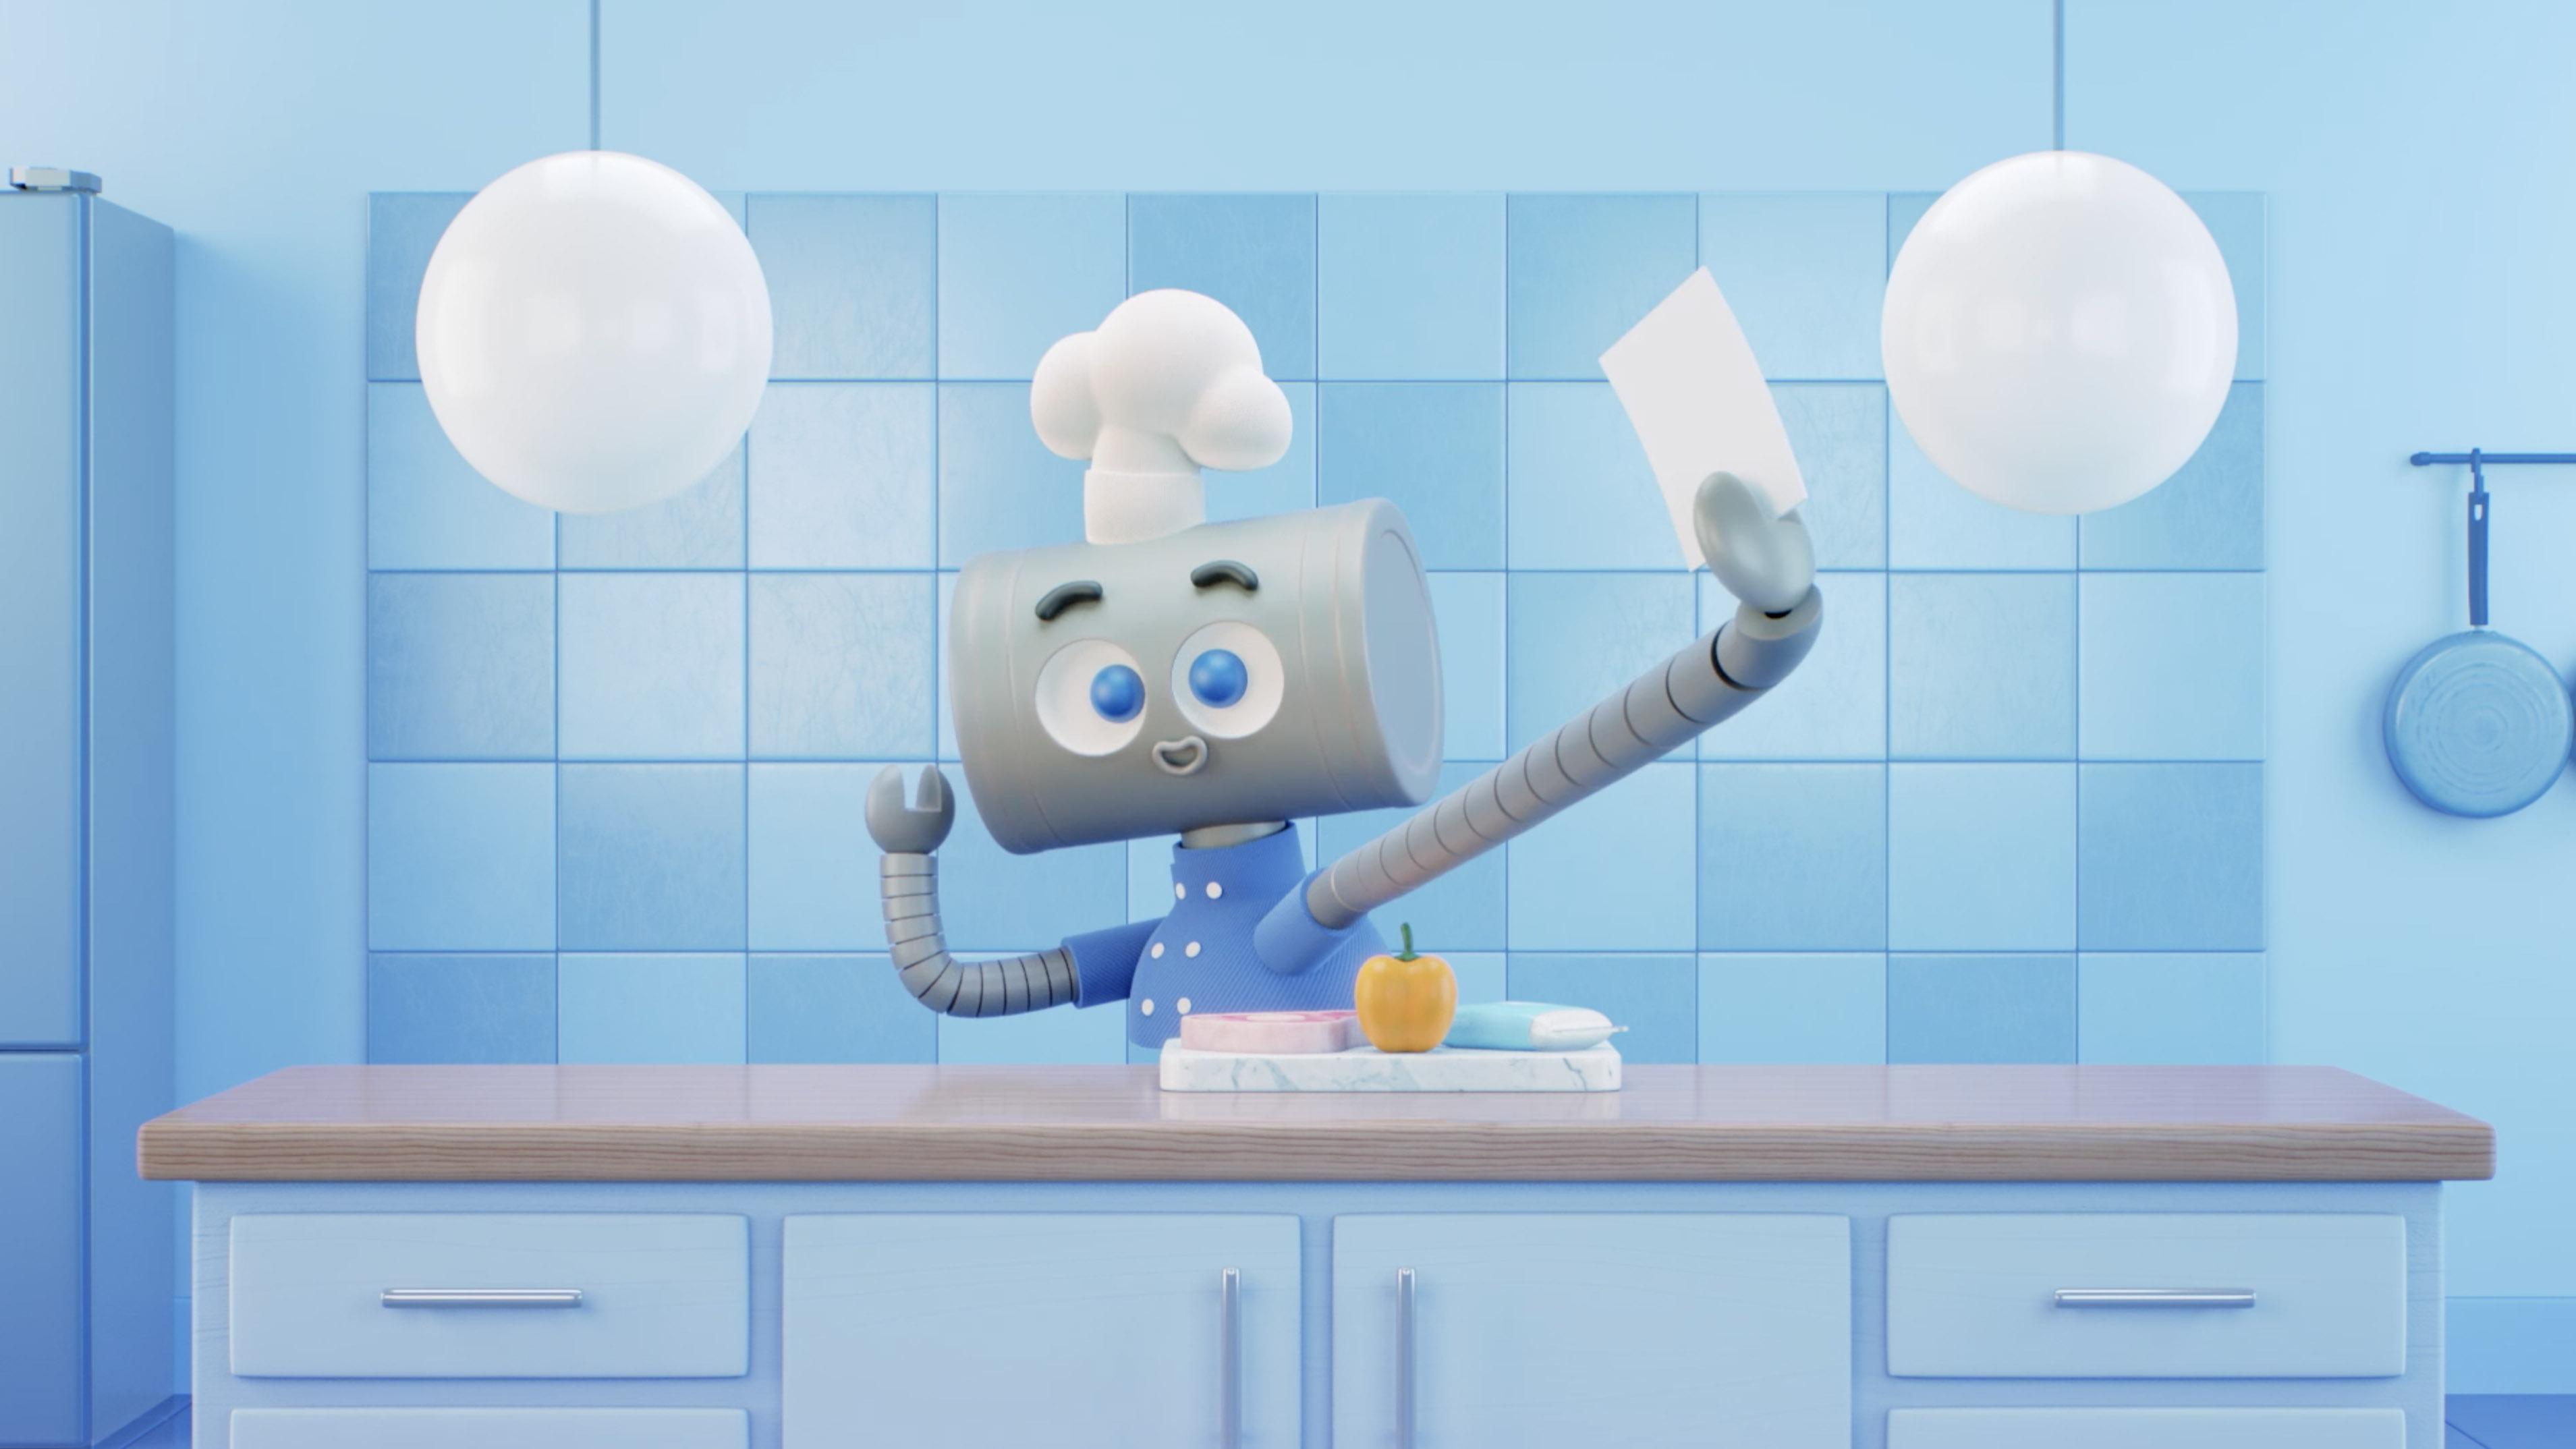 Kroger Chefbot